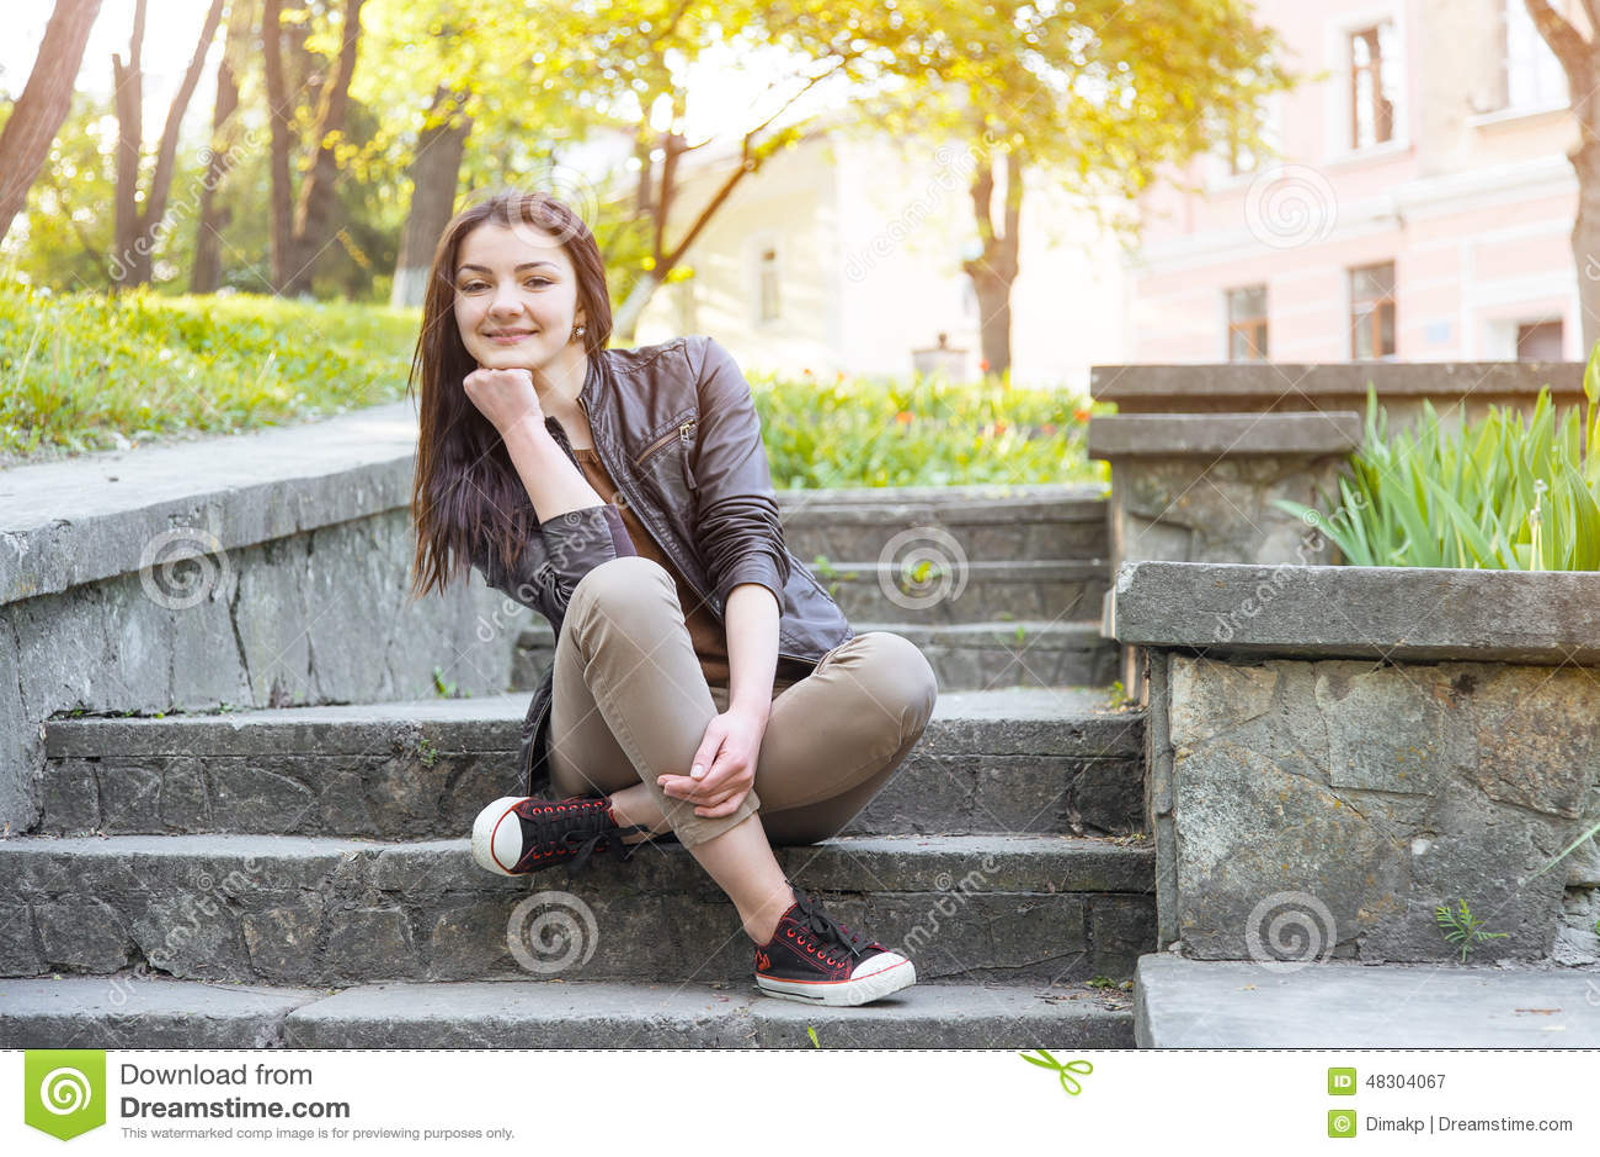 Трахнул на ступеньках, Мимолетный секс на лестнице » Порно онлайн в хорошем 20 фотография